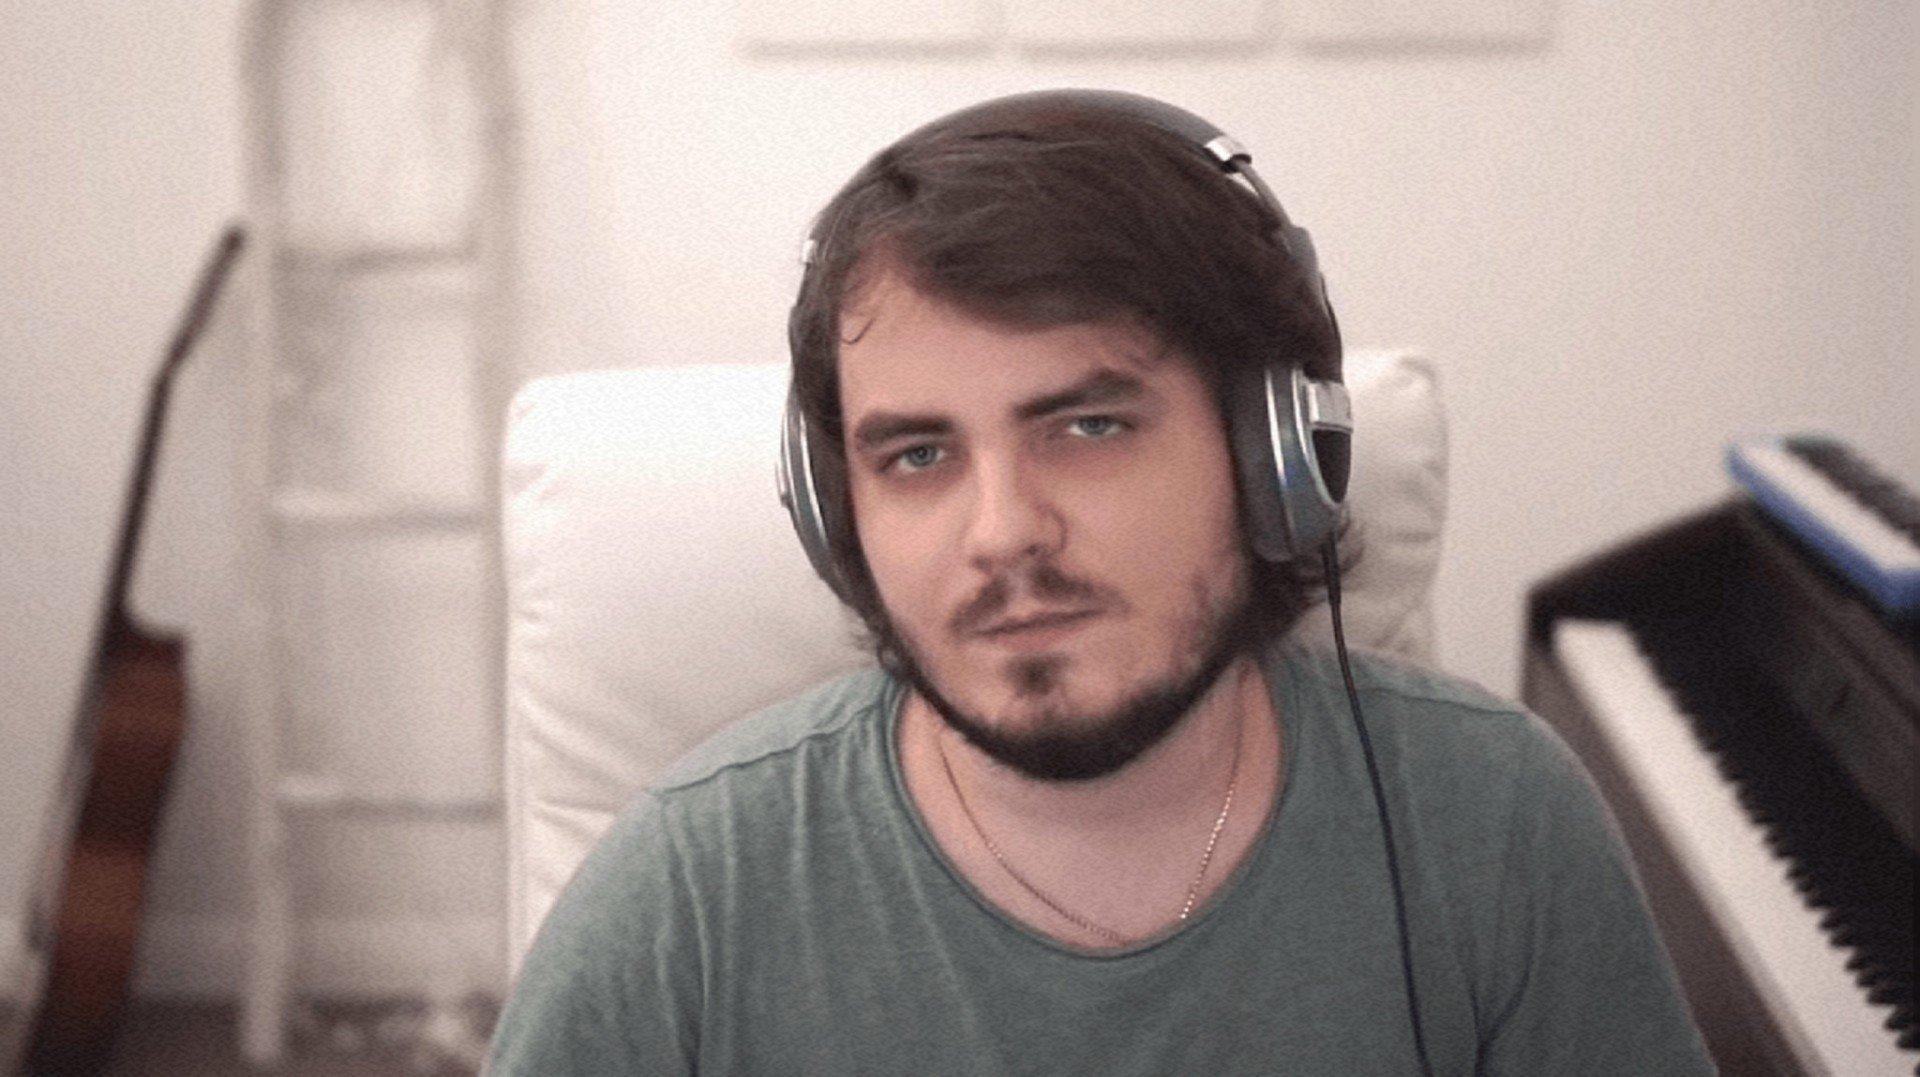 Maddyson анонсировал выход новой игры Подземный человек 2